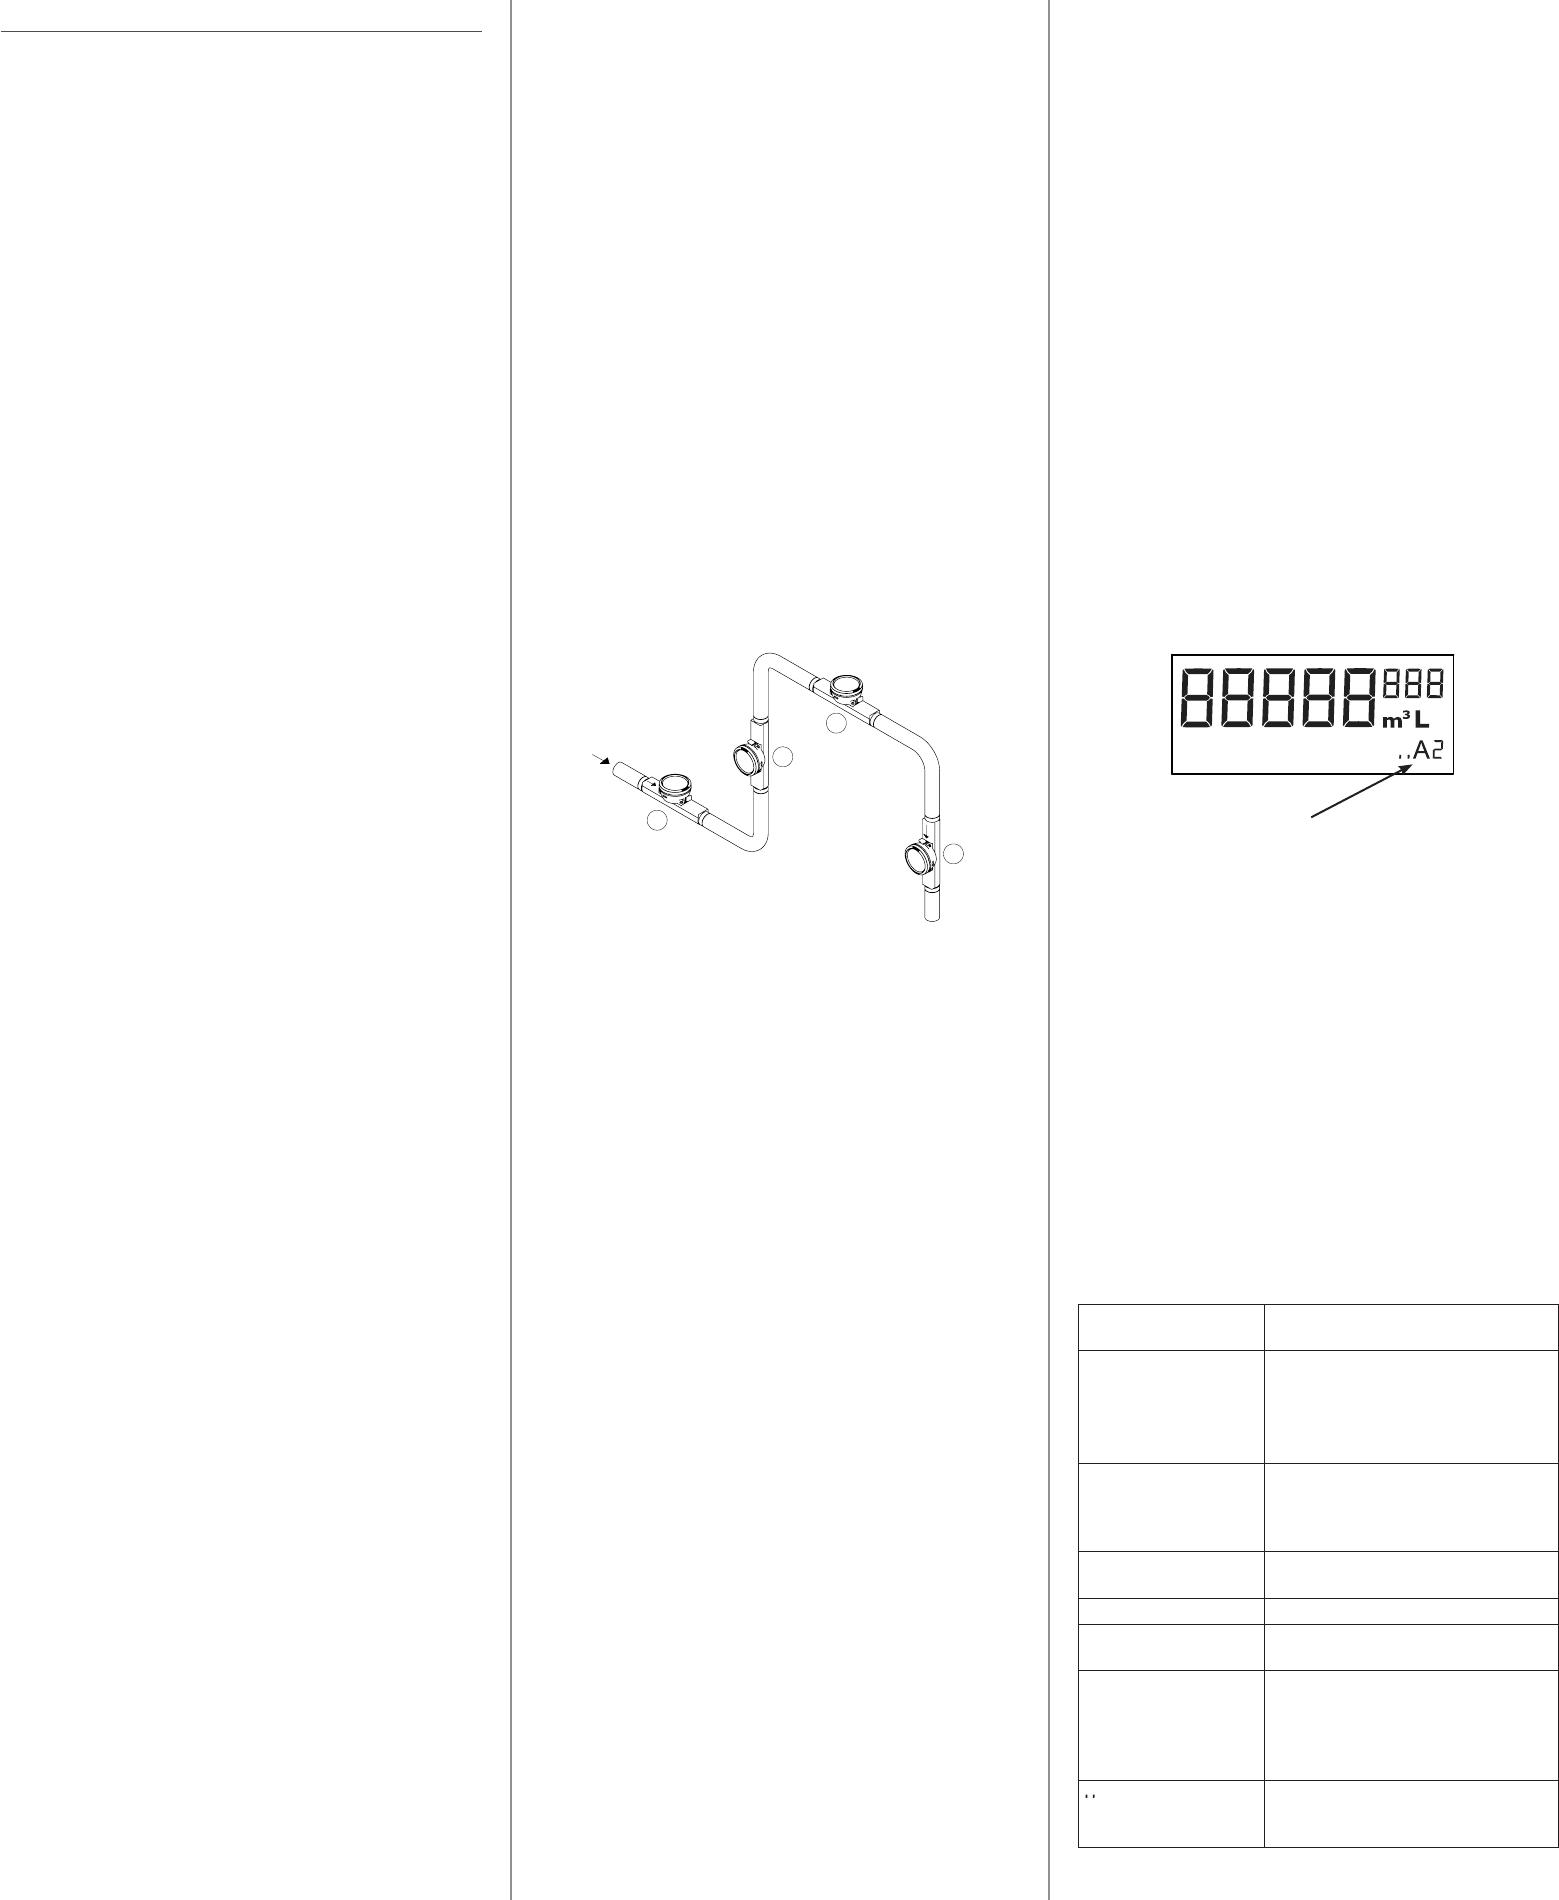 Kamstrup A S Flow2102 Water Flow Meter User Manual Userman B Wiring Diagrams 14 Straight Inlet